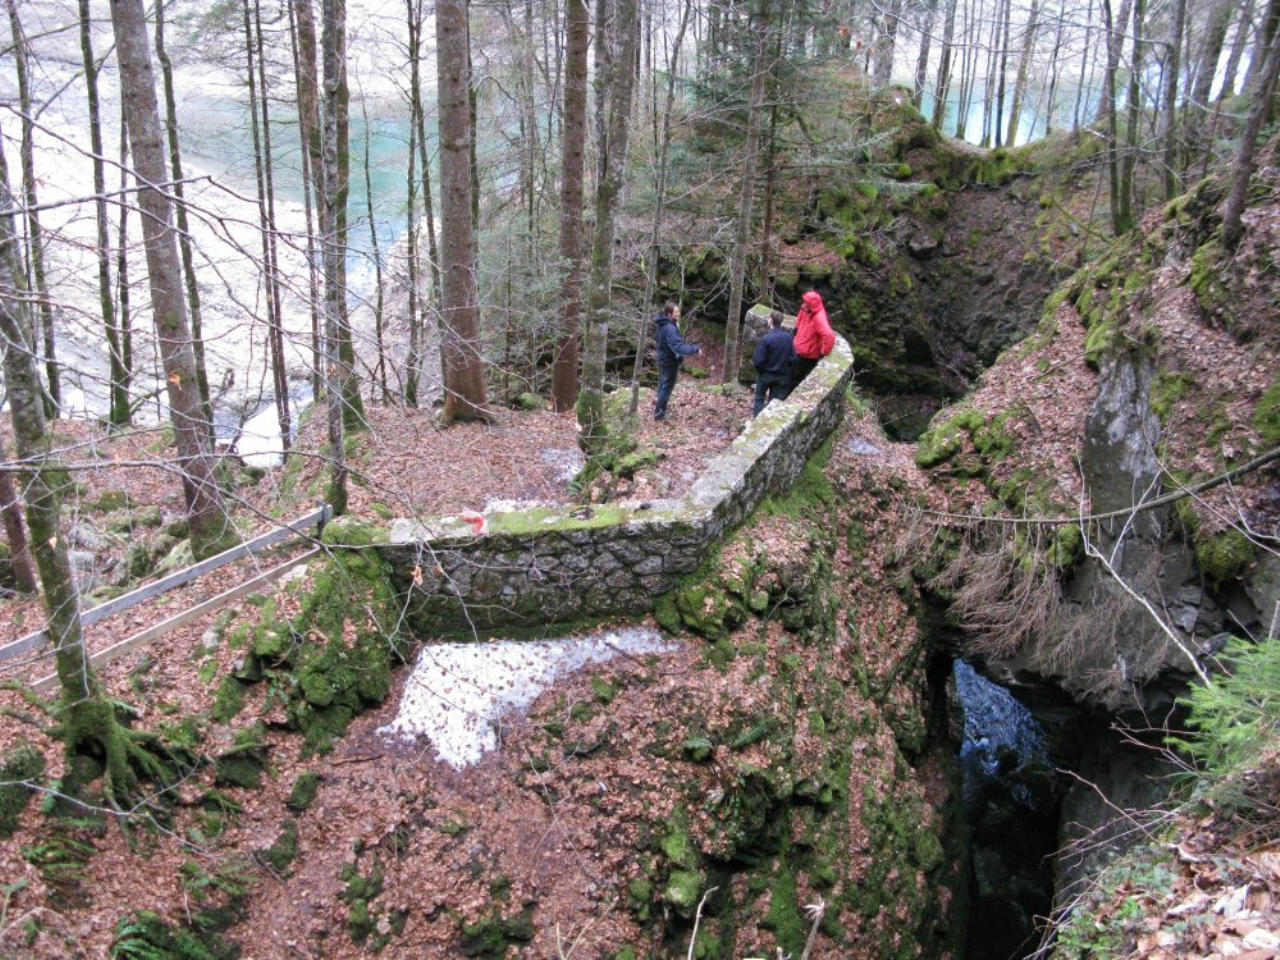 Höhlentaucher vor dem Einstieg zur Höhle